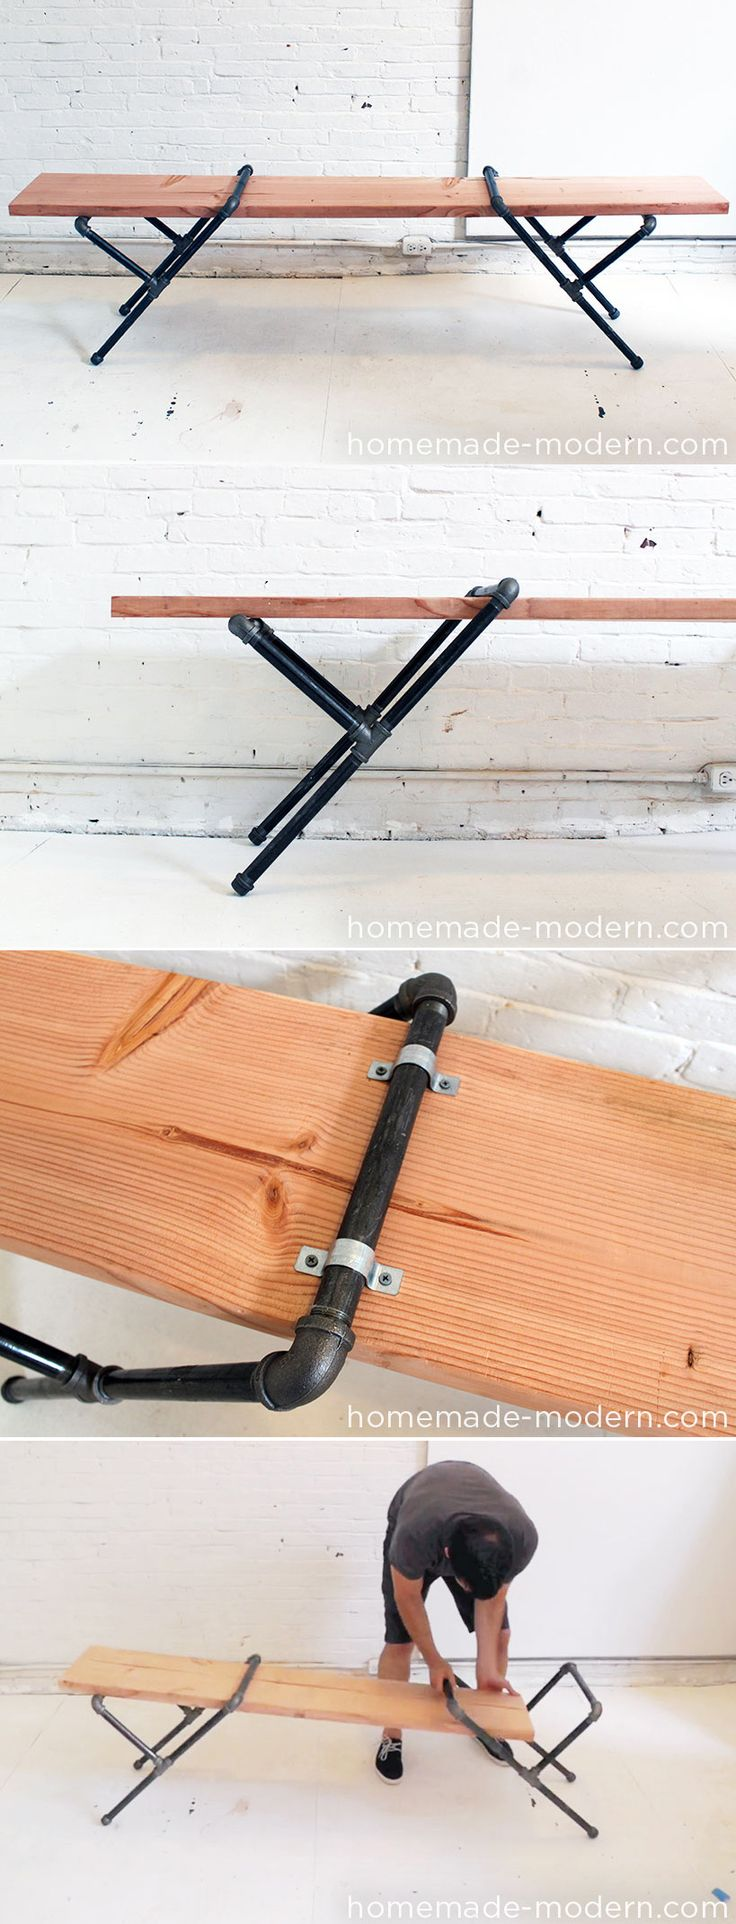 un banc à faire soi-même #DIYCheap Modern Decor Diy, Study Area, Modern Industrial Desks, Furniture Diy, Industrial Pipe Desk, Cheap Crafts, Diy Industrial Furniture, Pipe Diy Table, Pipe Benches